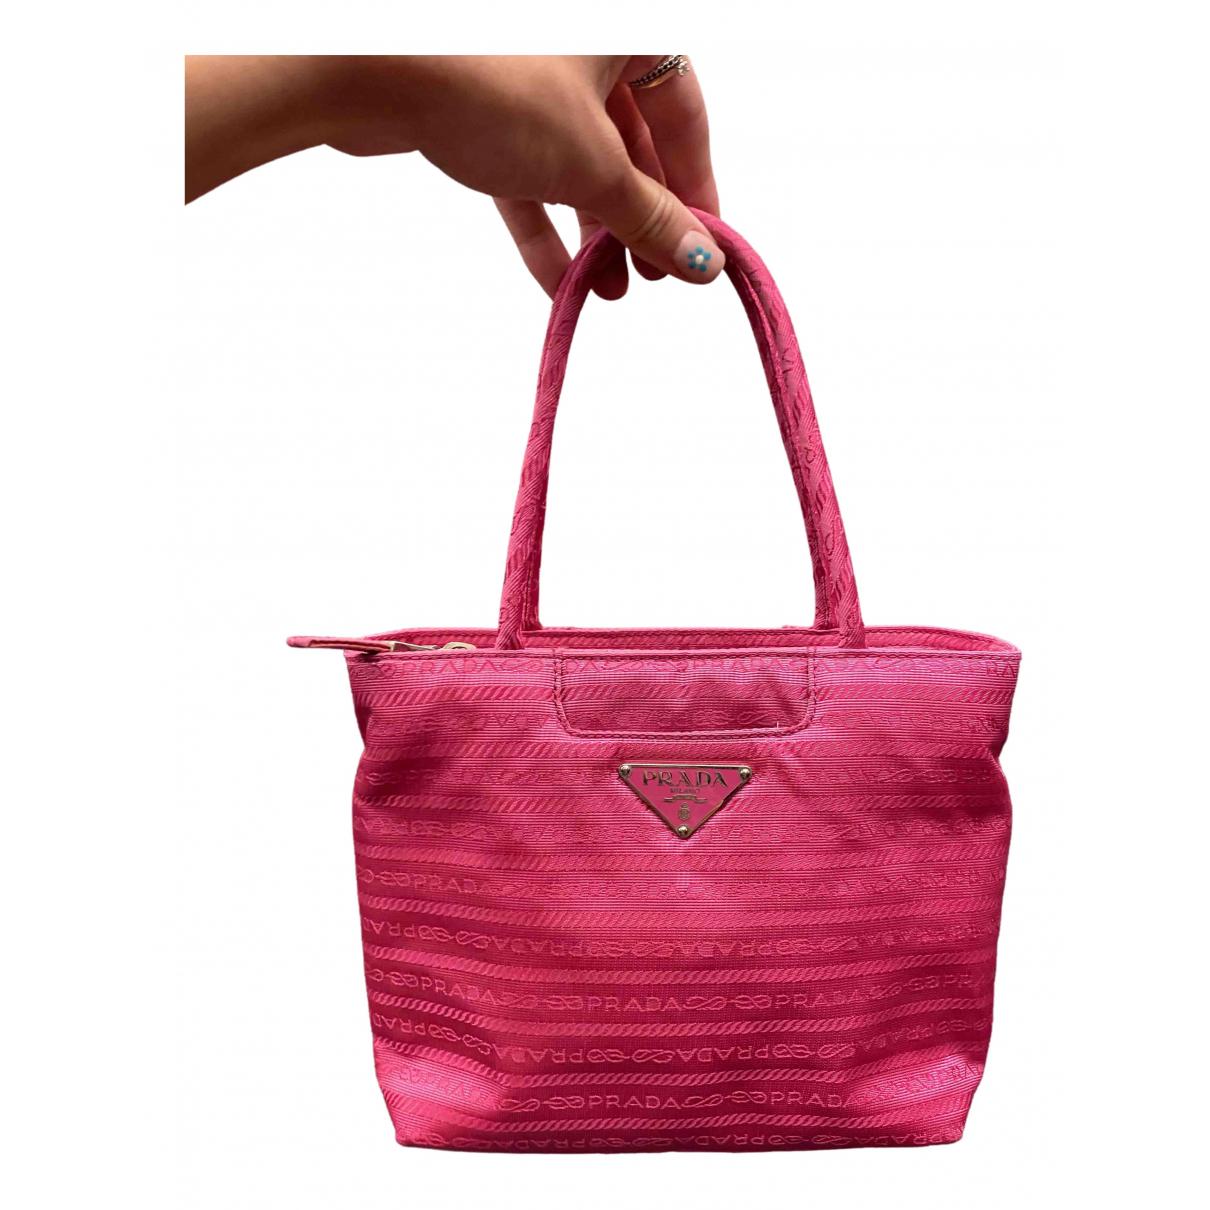 Prada - Sac a main Tessuto  pour femme - rose